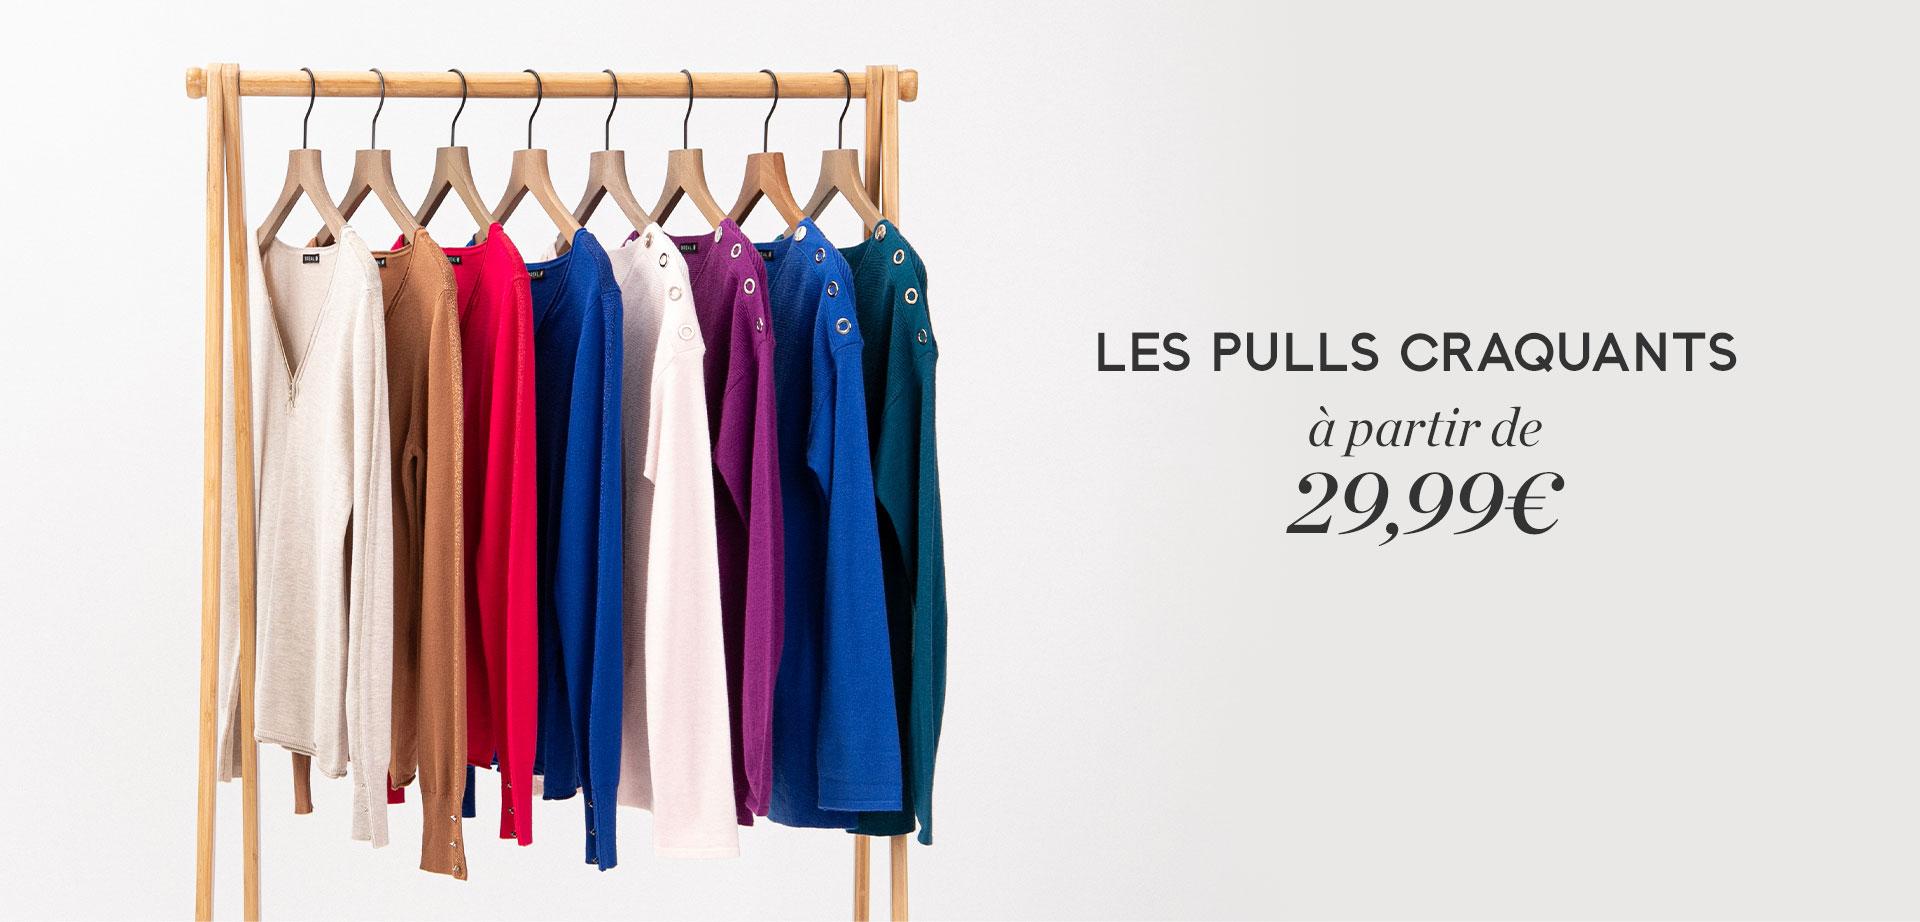 Les pulls craquants à partir de 29,99€